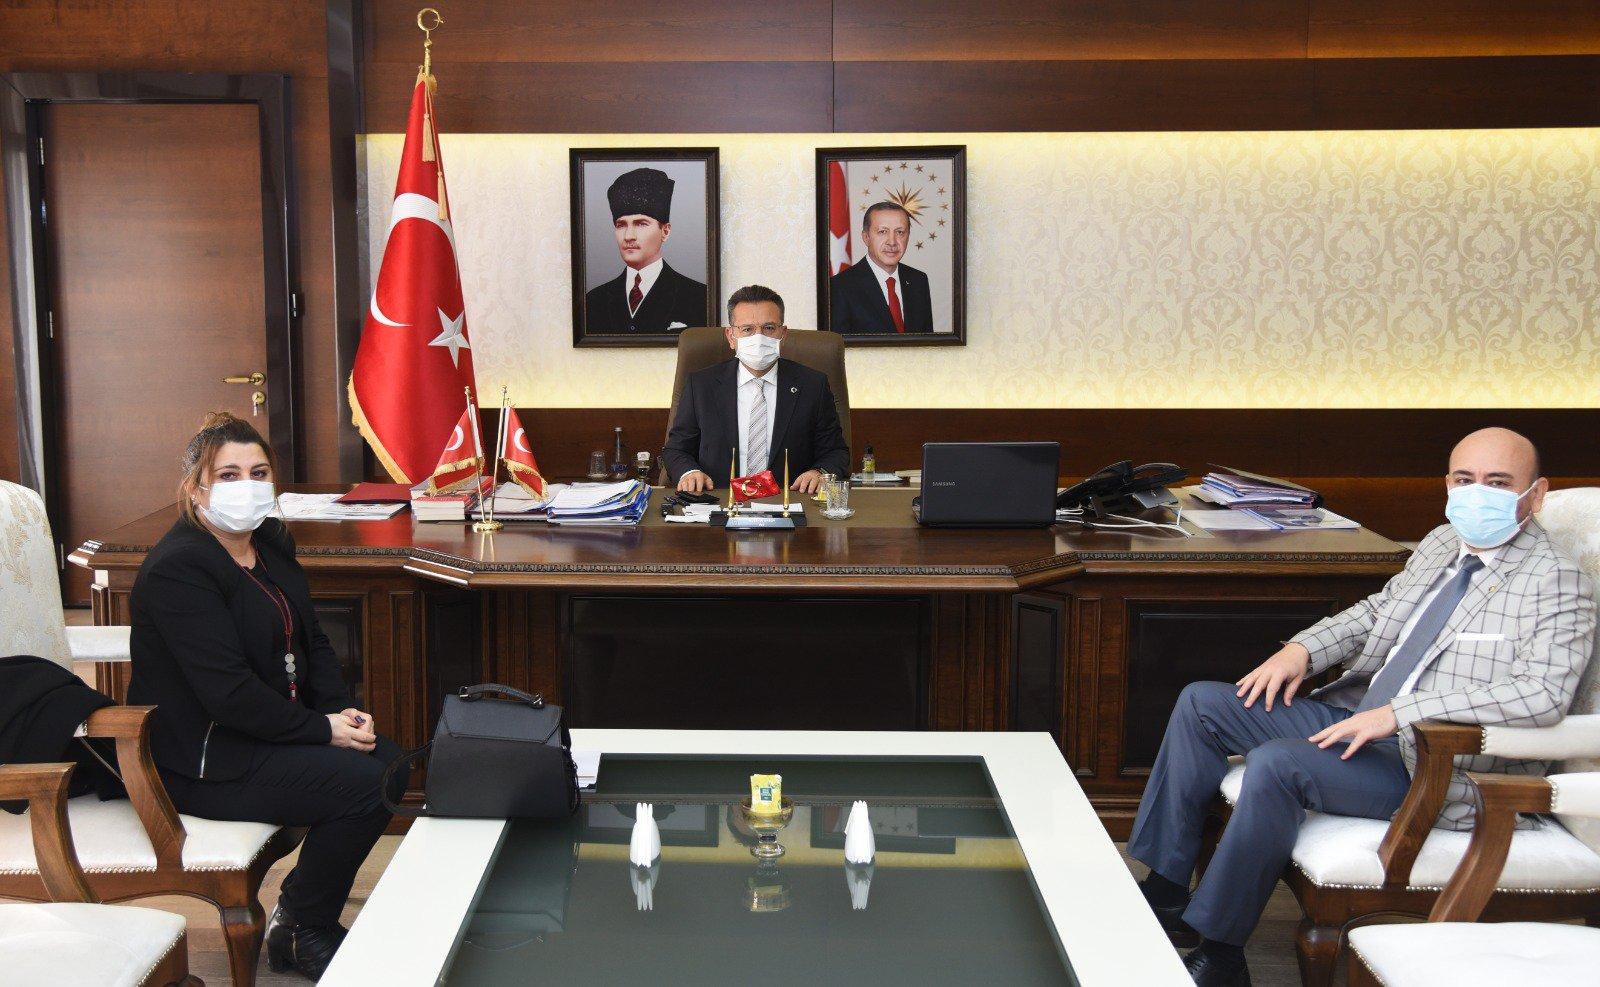 TOBB Yönetim Kurulu Üyesi ve Odamız Başkanı Hakan ÜLKEN, İlimiz Valisi Sayın Hüseyin AKSOY'u makamında ziyaret etti